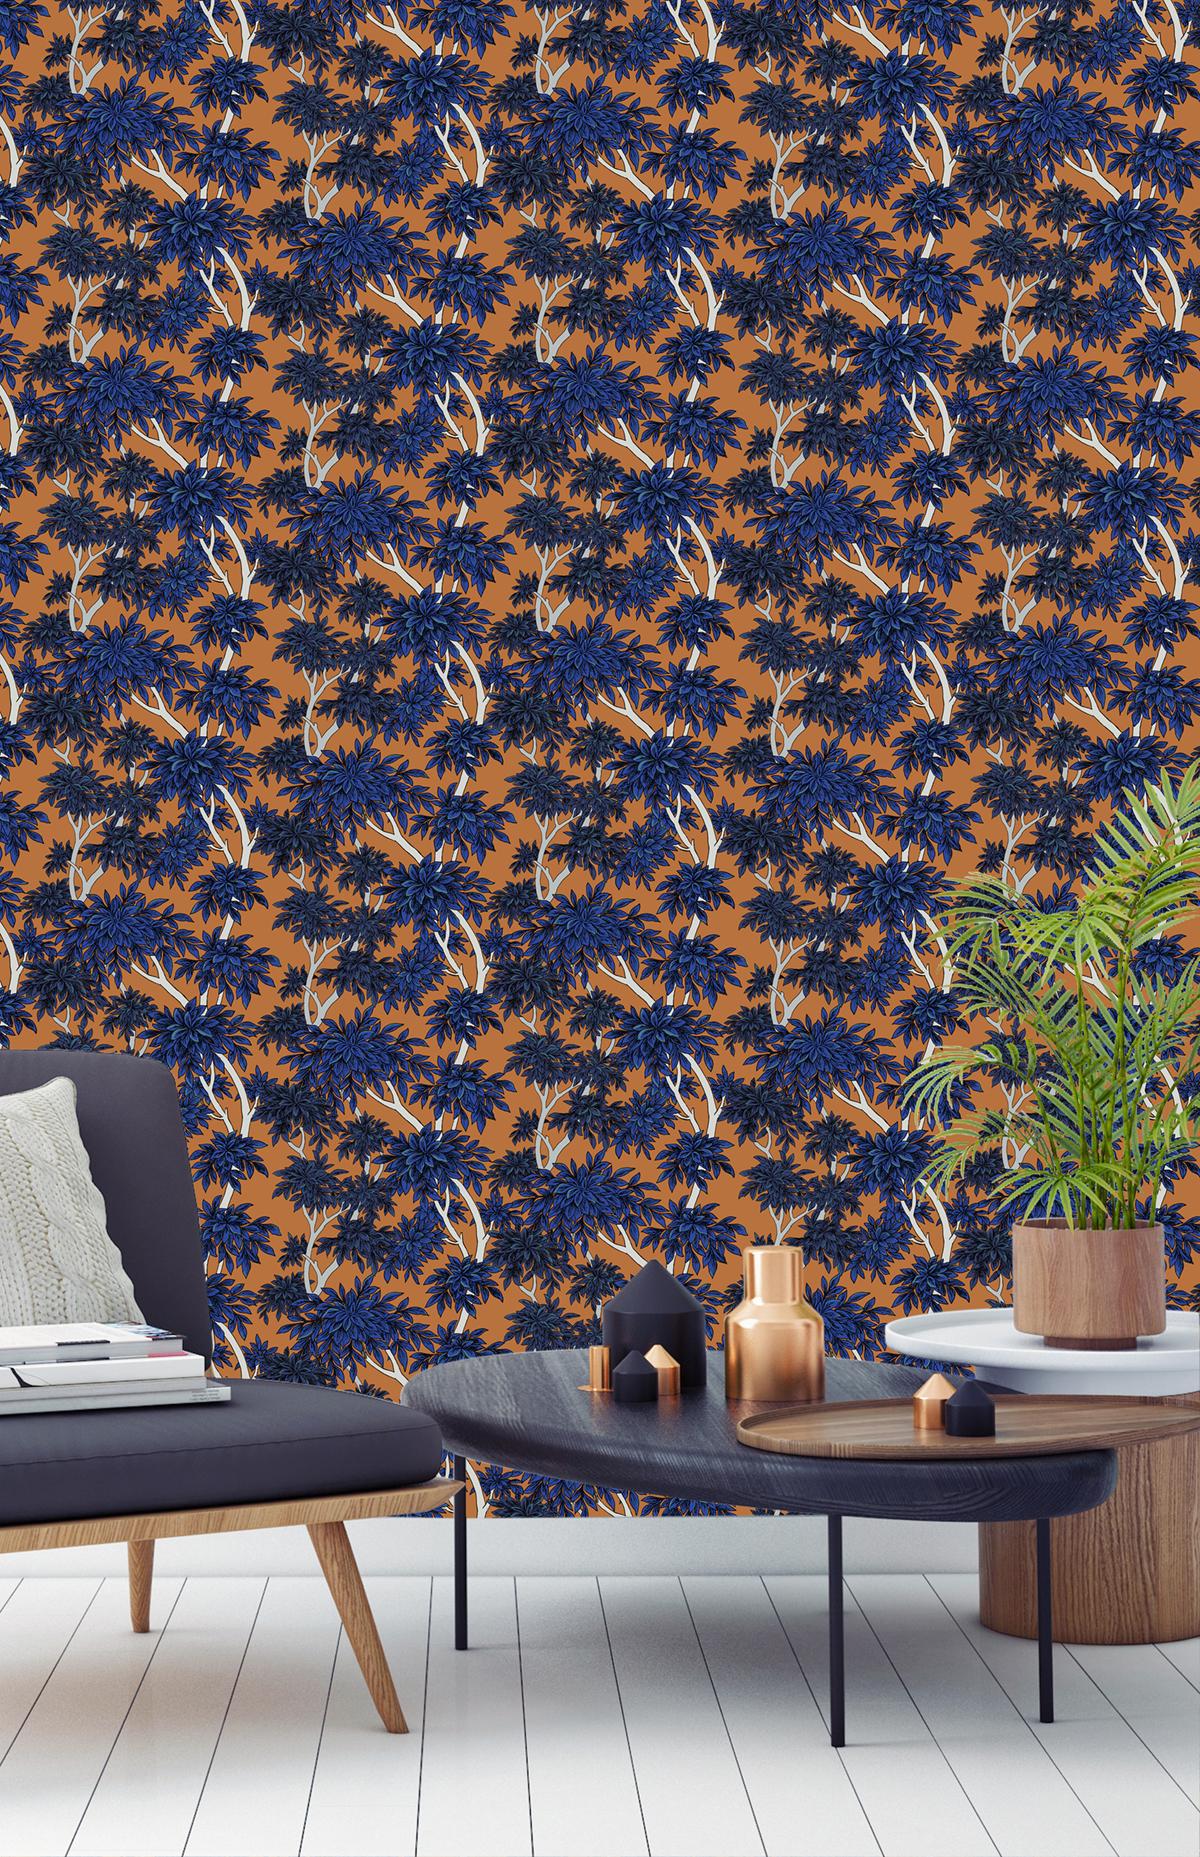 where can i buy really comfortable discount shop Papier peint panoramique forêt nature Panache orange/bleu ...